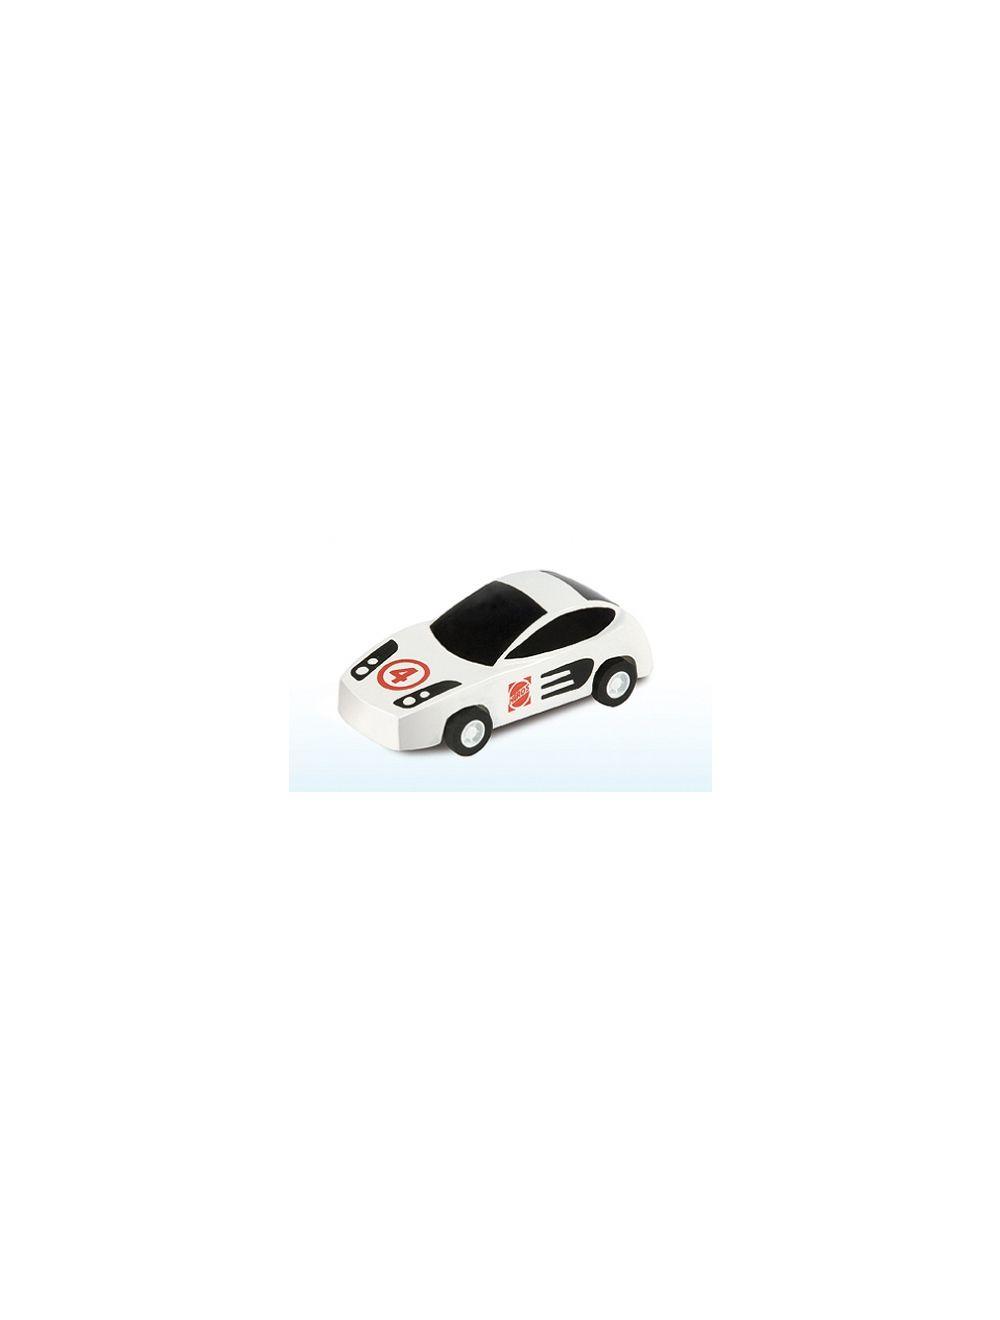 Sportauto vedrumootoriga